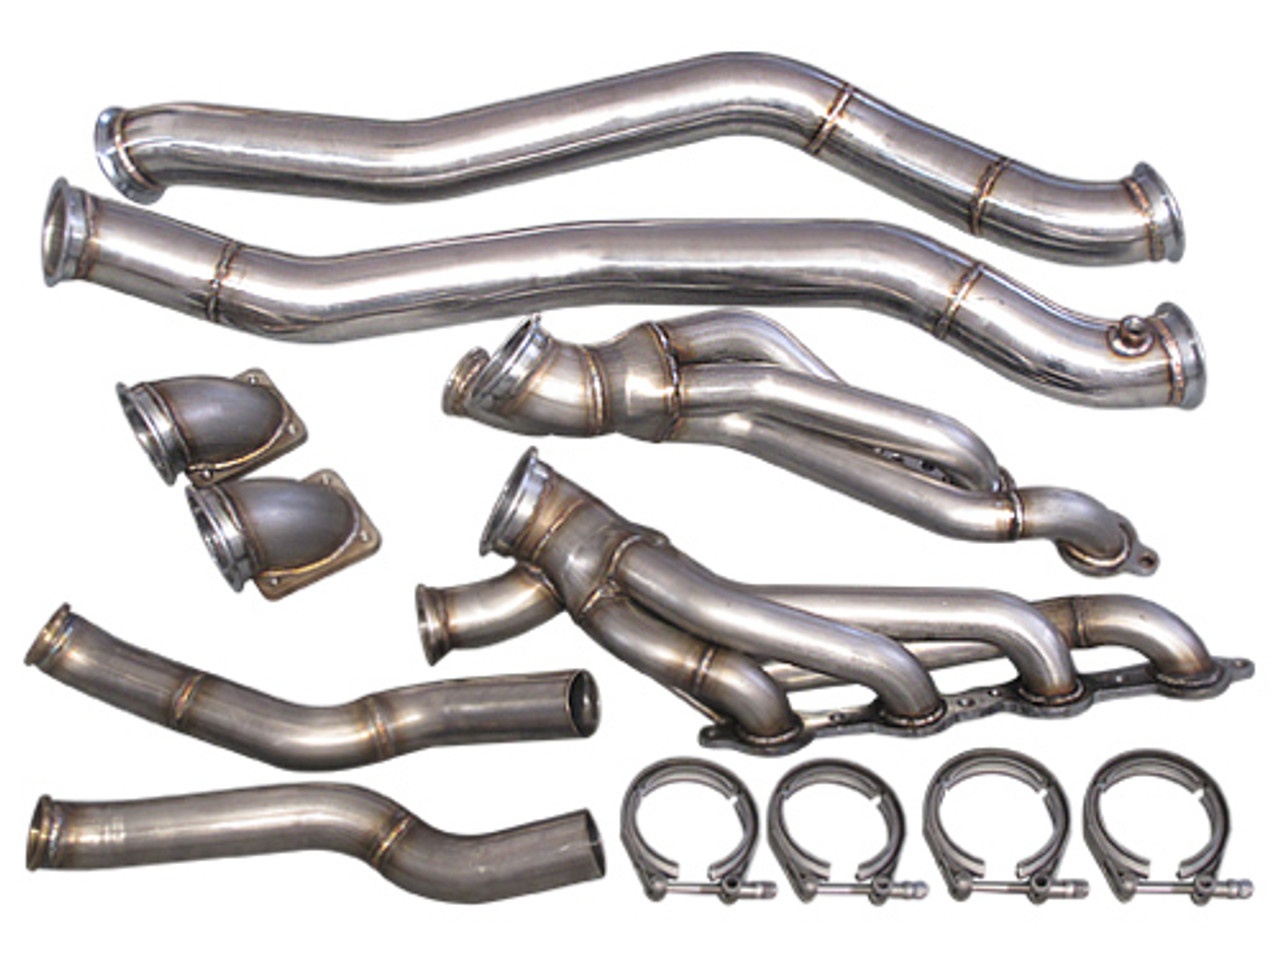 LSx 240SX | S13 | S14 Turbo Kit